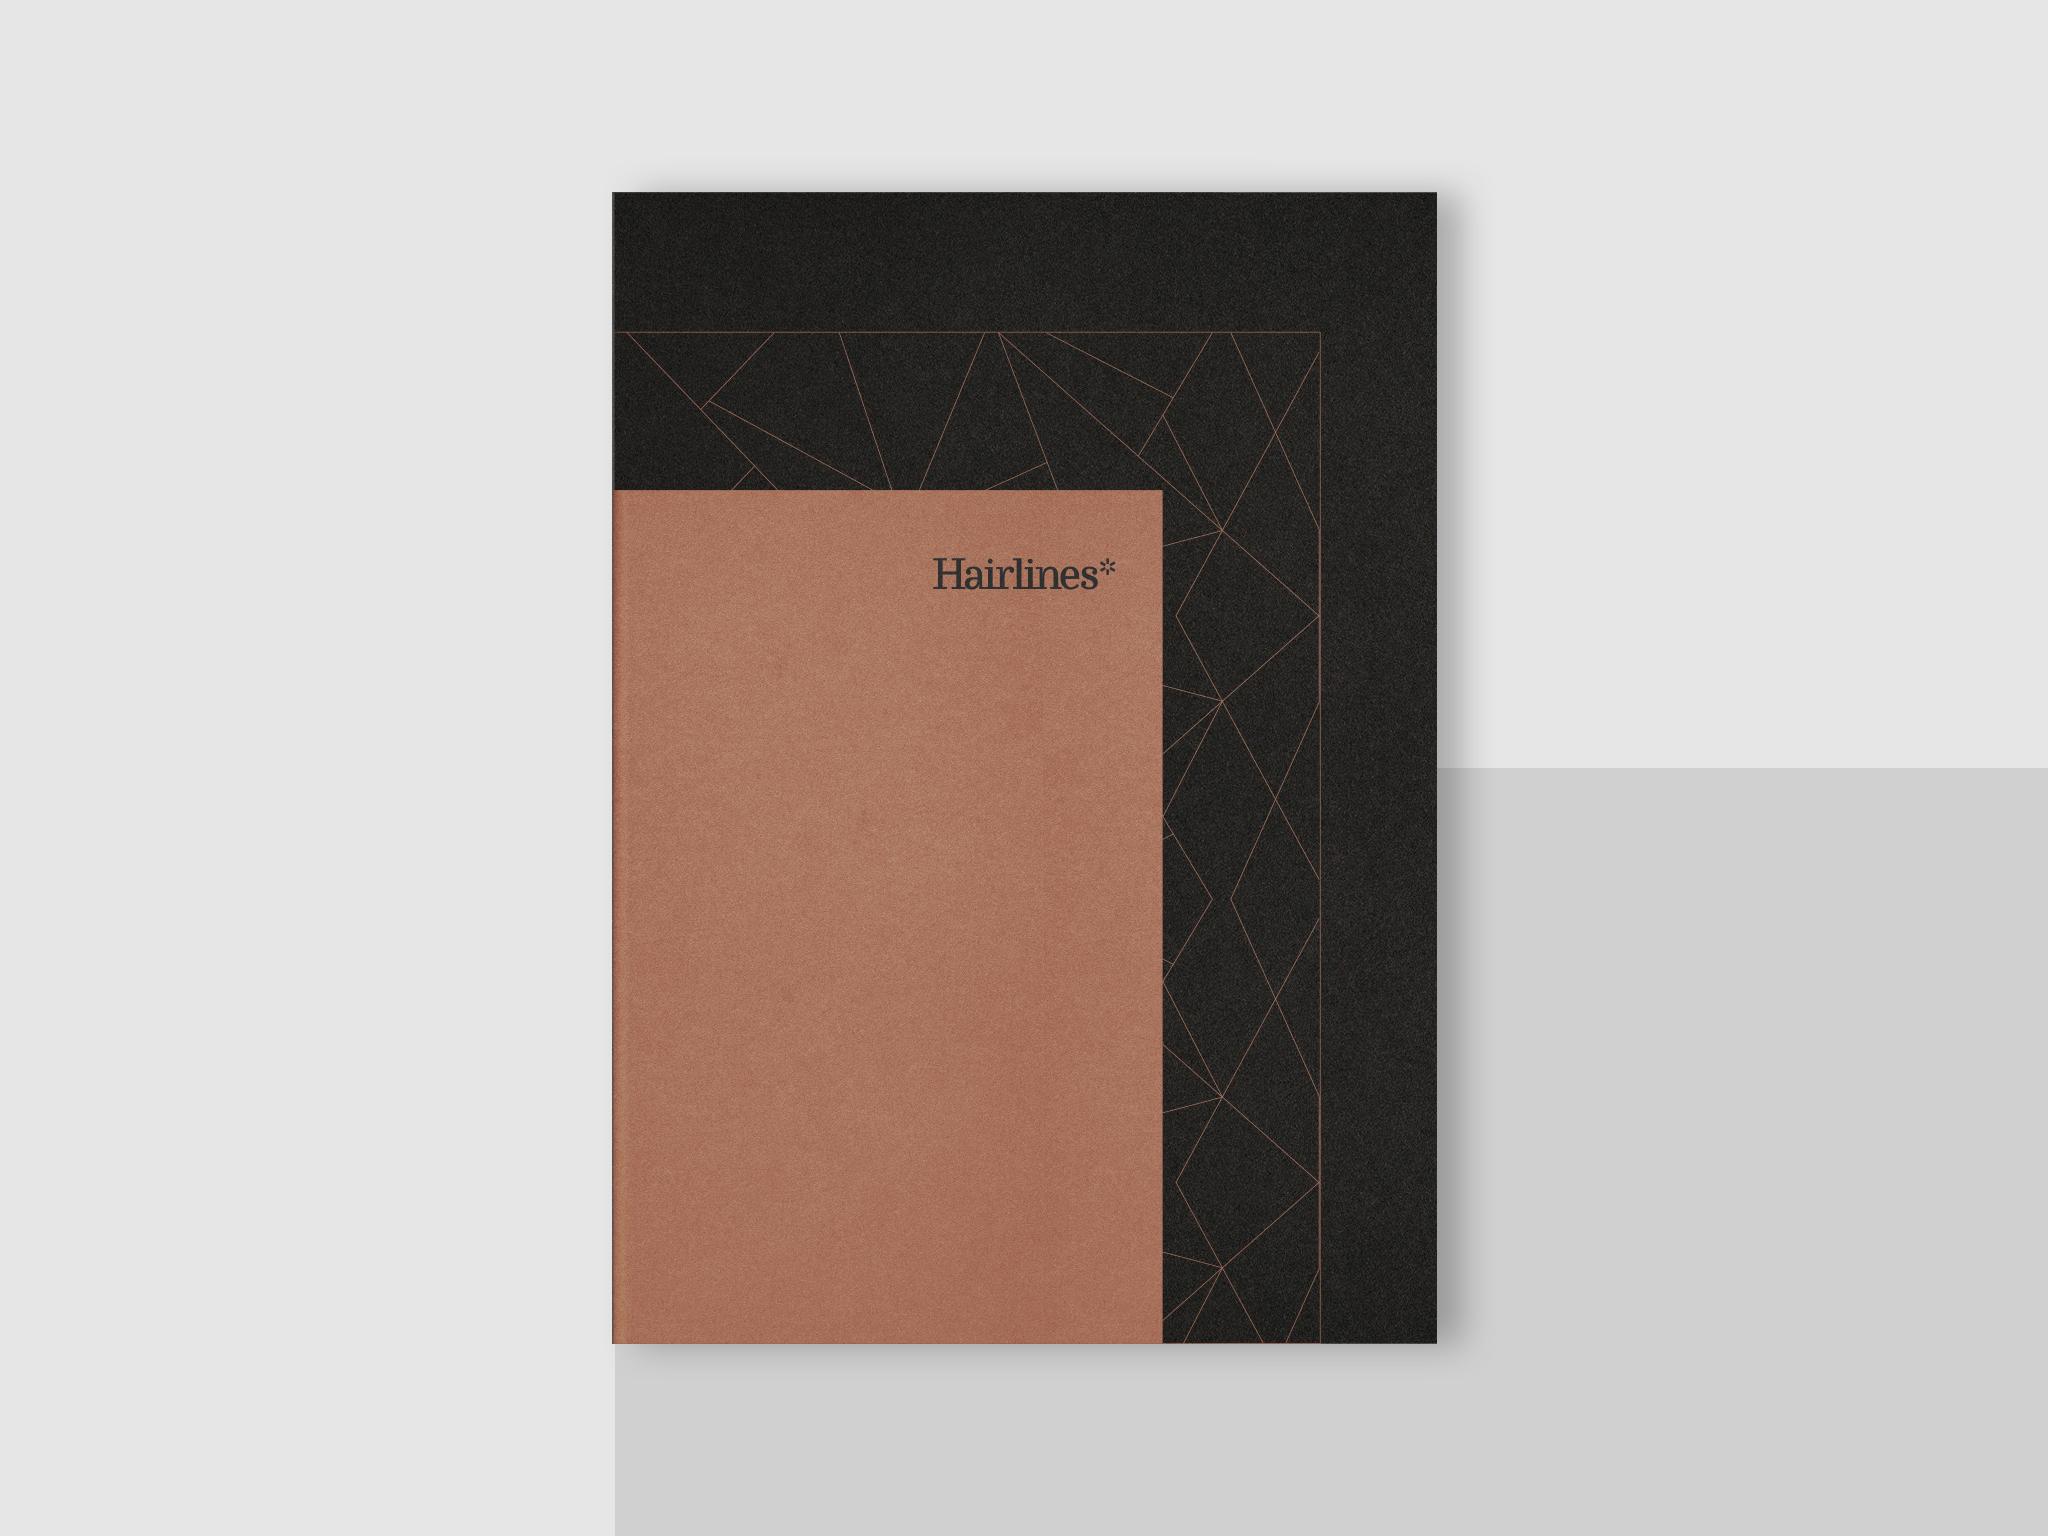 Elegant Brand Identity for Hairlines by BULLSEYE